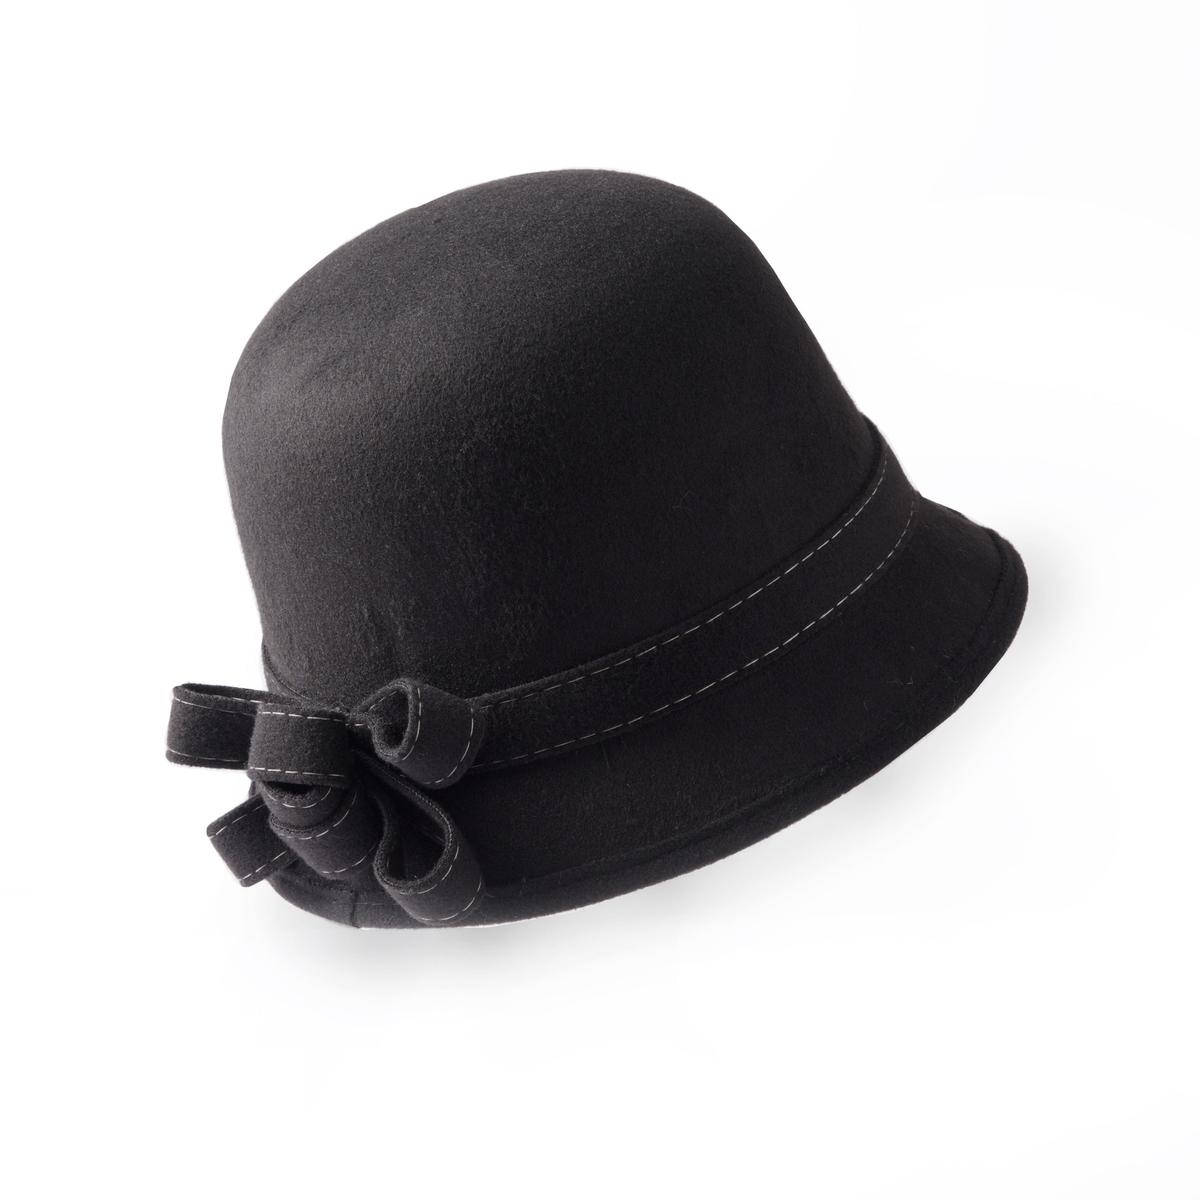 Шляпка-клошШляпка-клош. Красивая изящная и городская форма. Состав и описание :Материал : 100% полиэстер. Один размер.Марка : Anne Weyburn<br><br>Цвет: черный